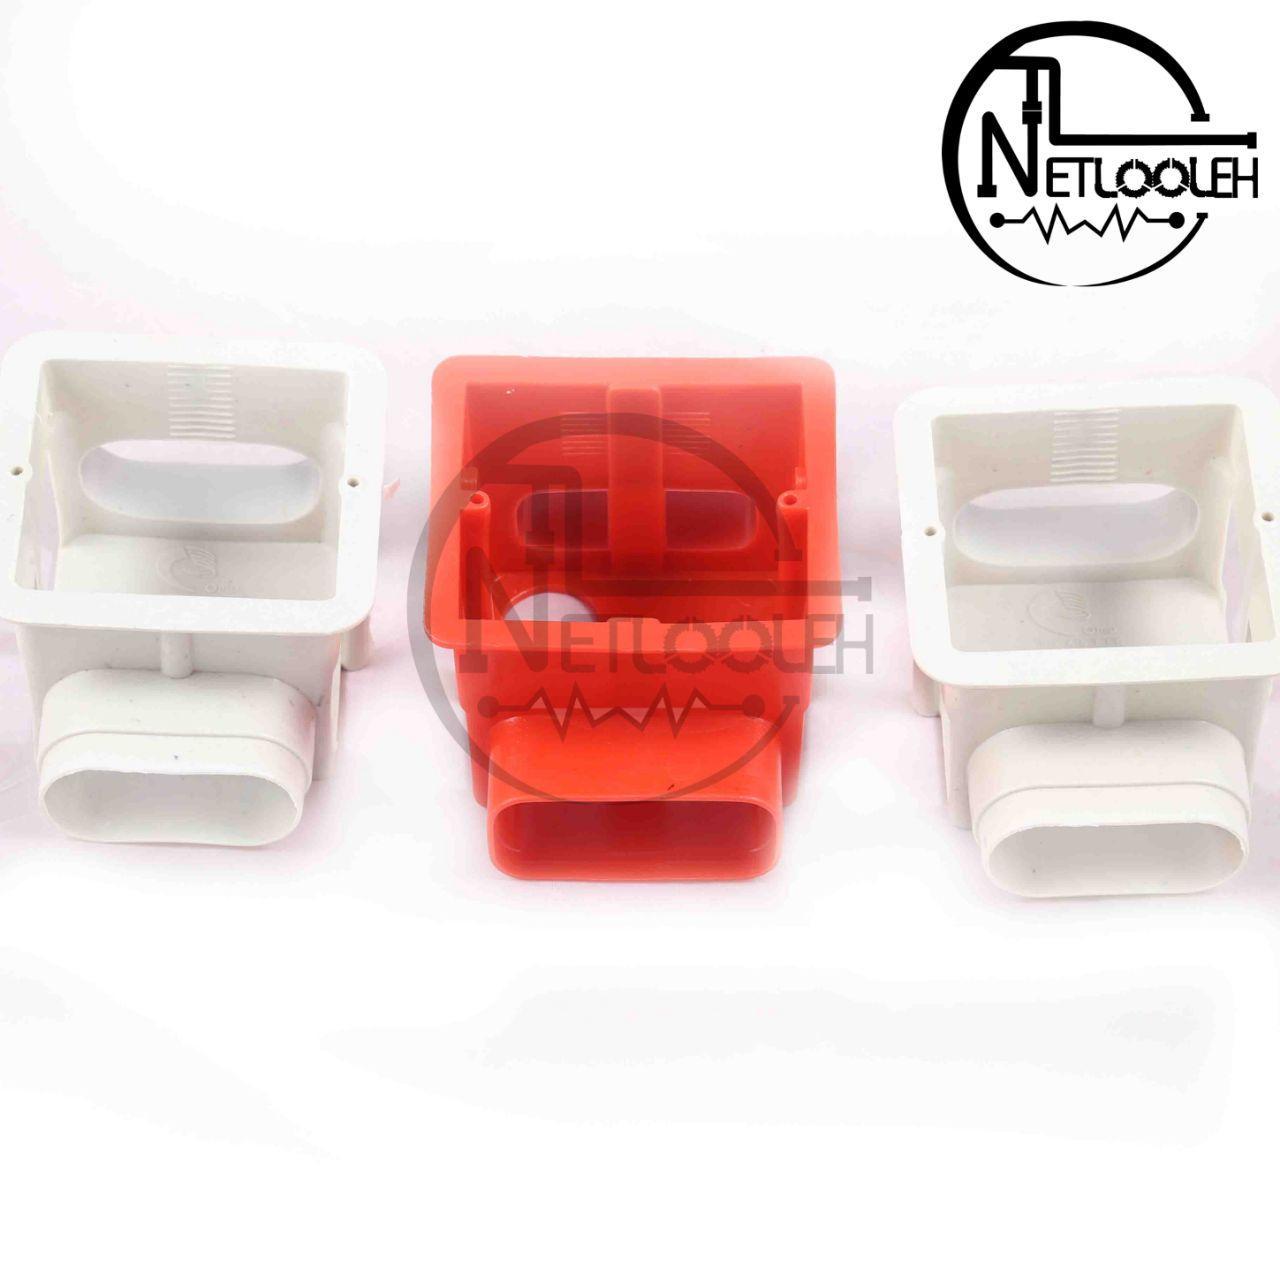 قوطی کلید عمق دار نشکن در رنگ های سفید و قرمز